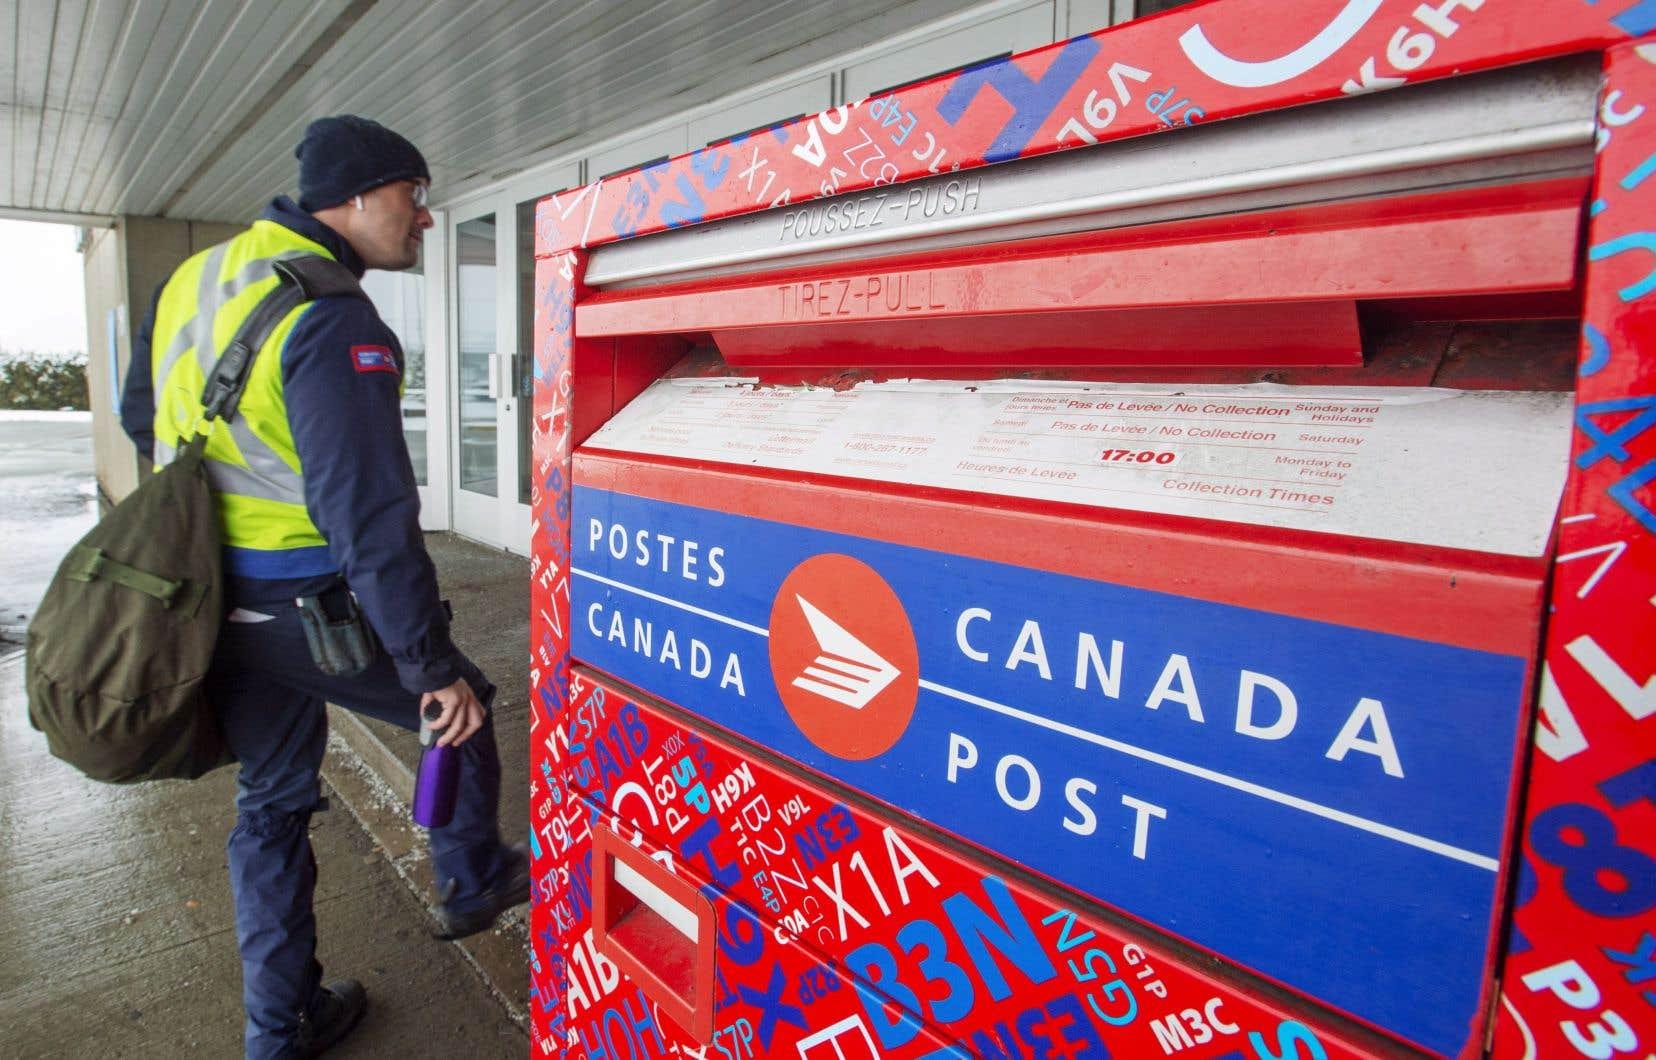 Postes Canada a accusé une perte de 71millions au troisième trimestre en raison notamment des coûts d'une décision rendue en septembre par un arbitre dans un différend à propos de l'équité salariale.